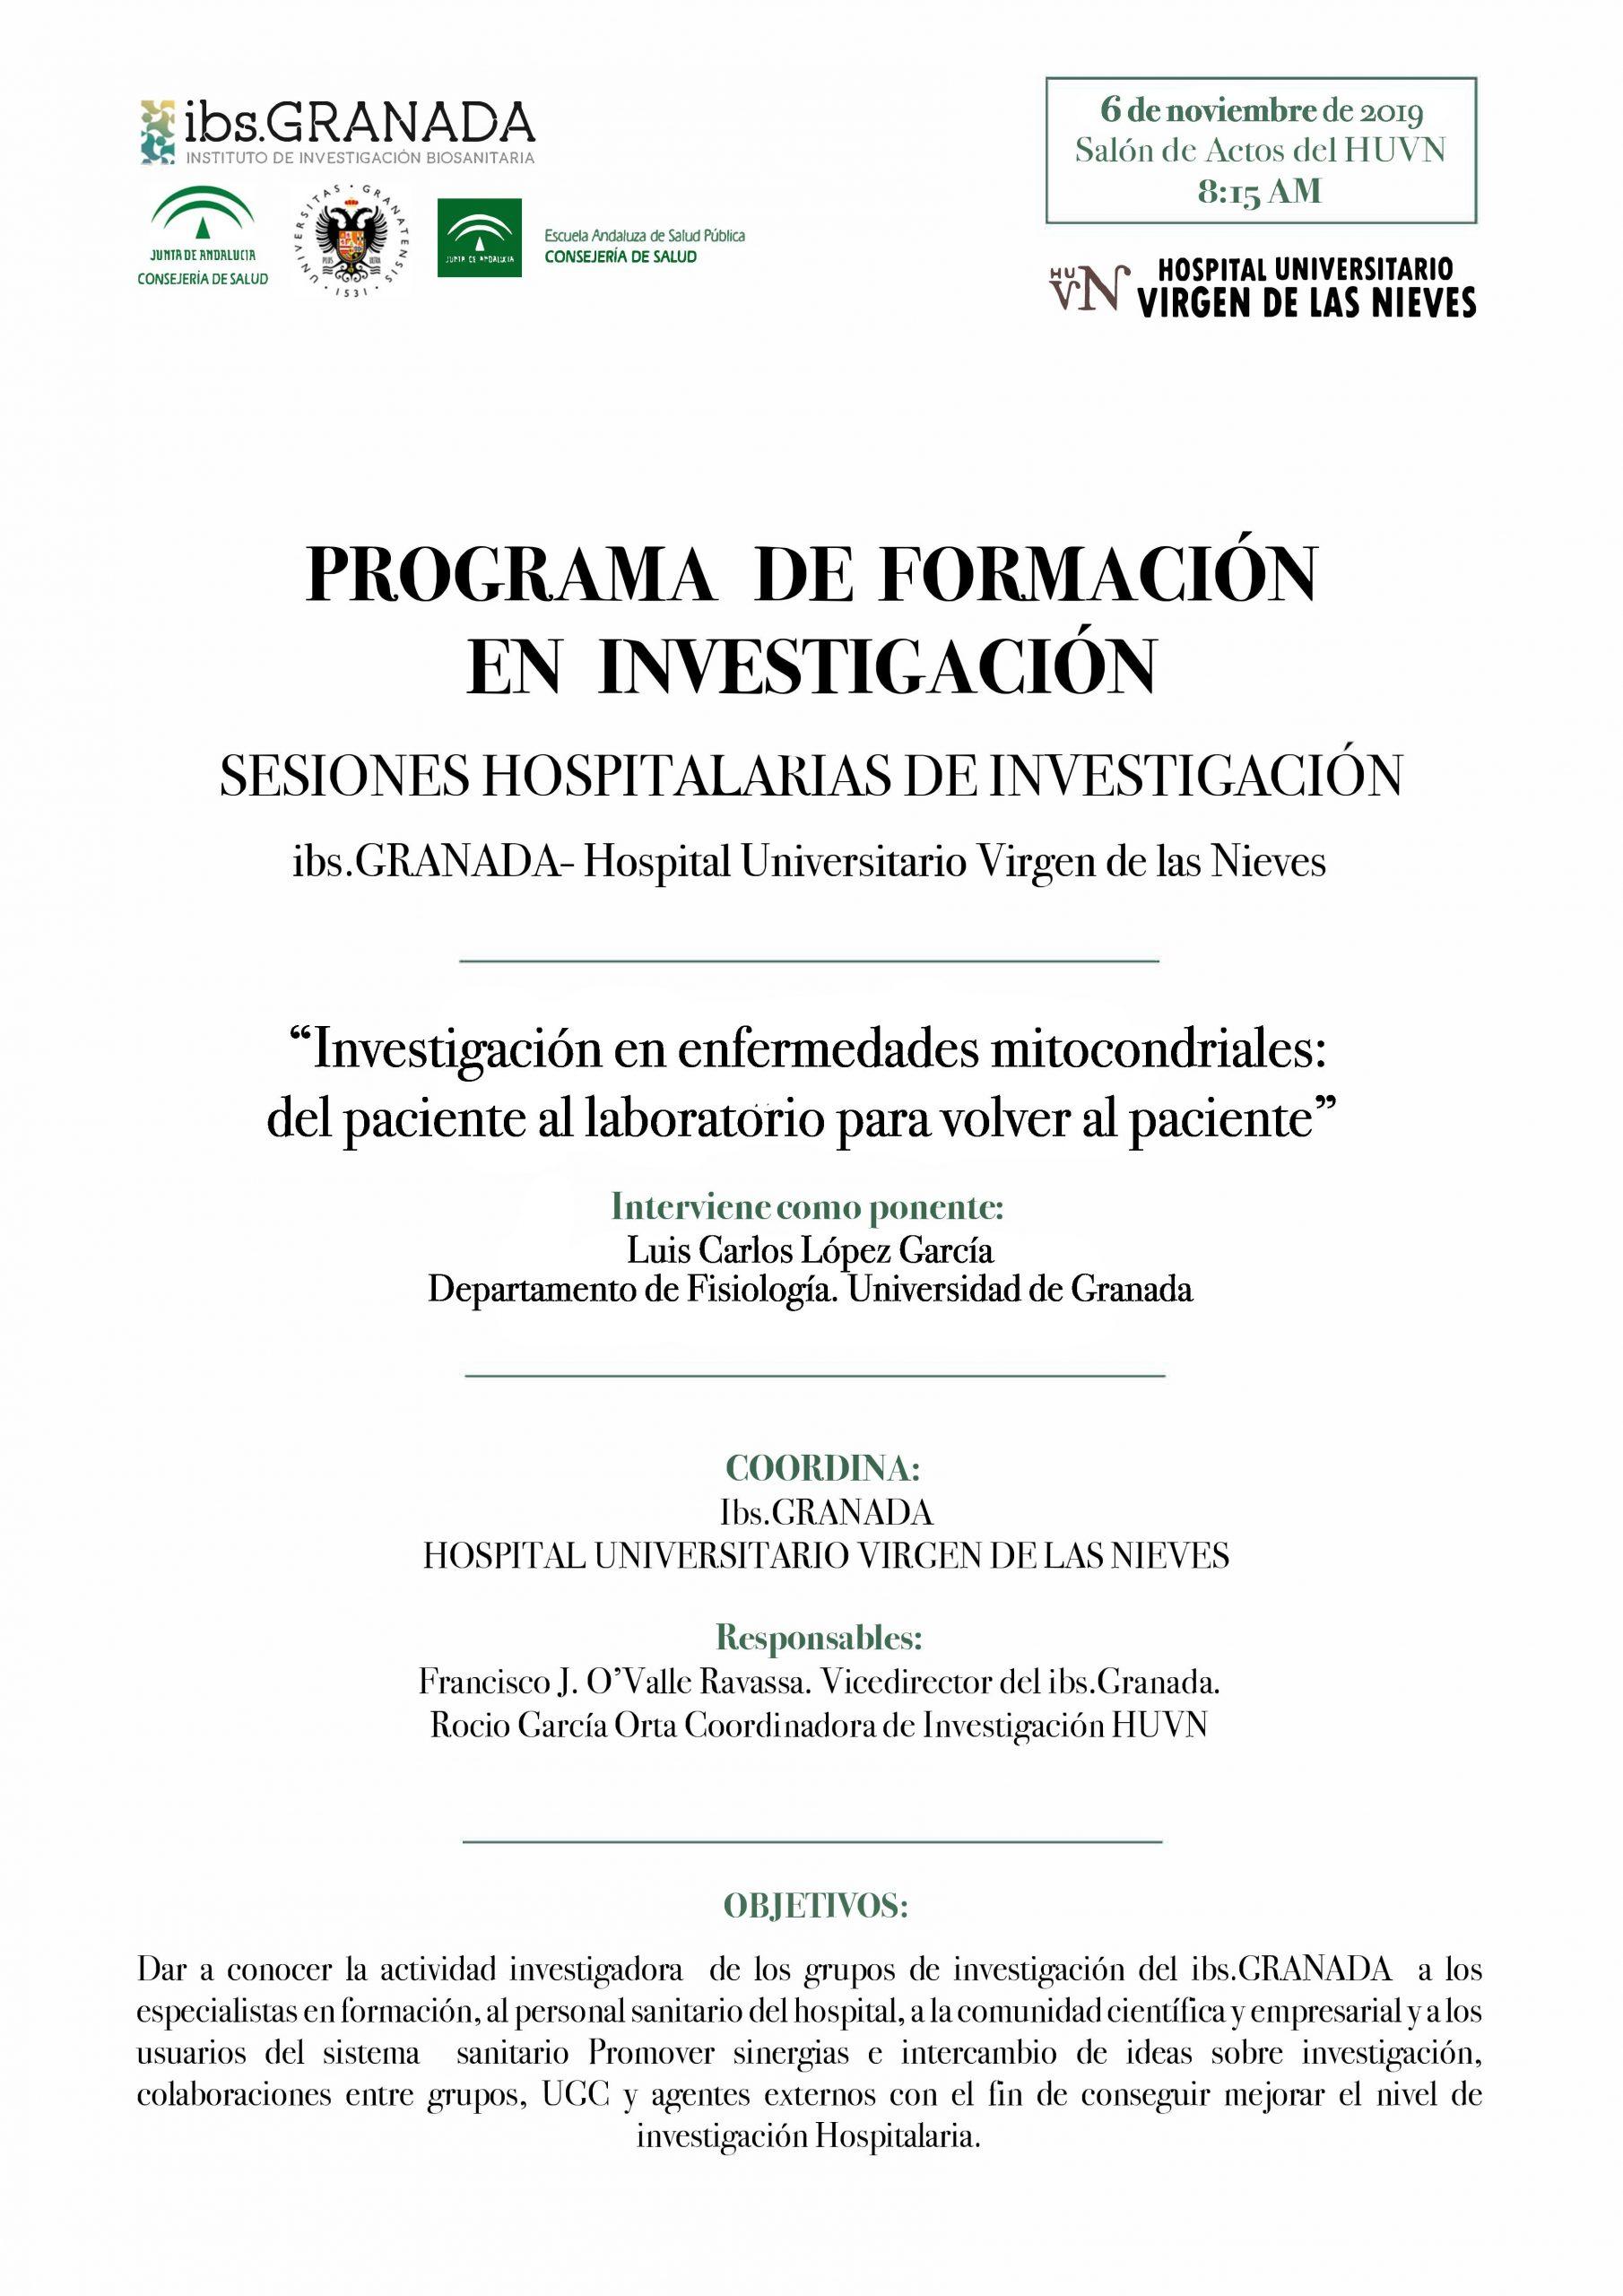 """Sesión Hospitalaria: """"Investigación en enfermedades mitocondriales: del paciente al laboratorio para volver al paciente"""""""